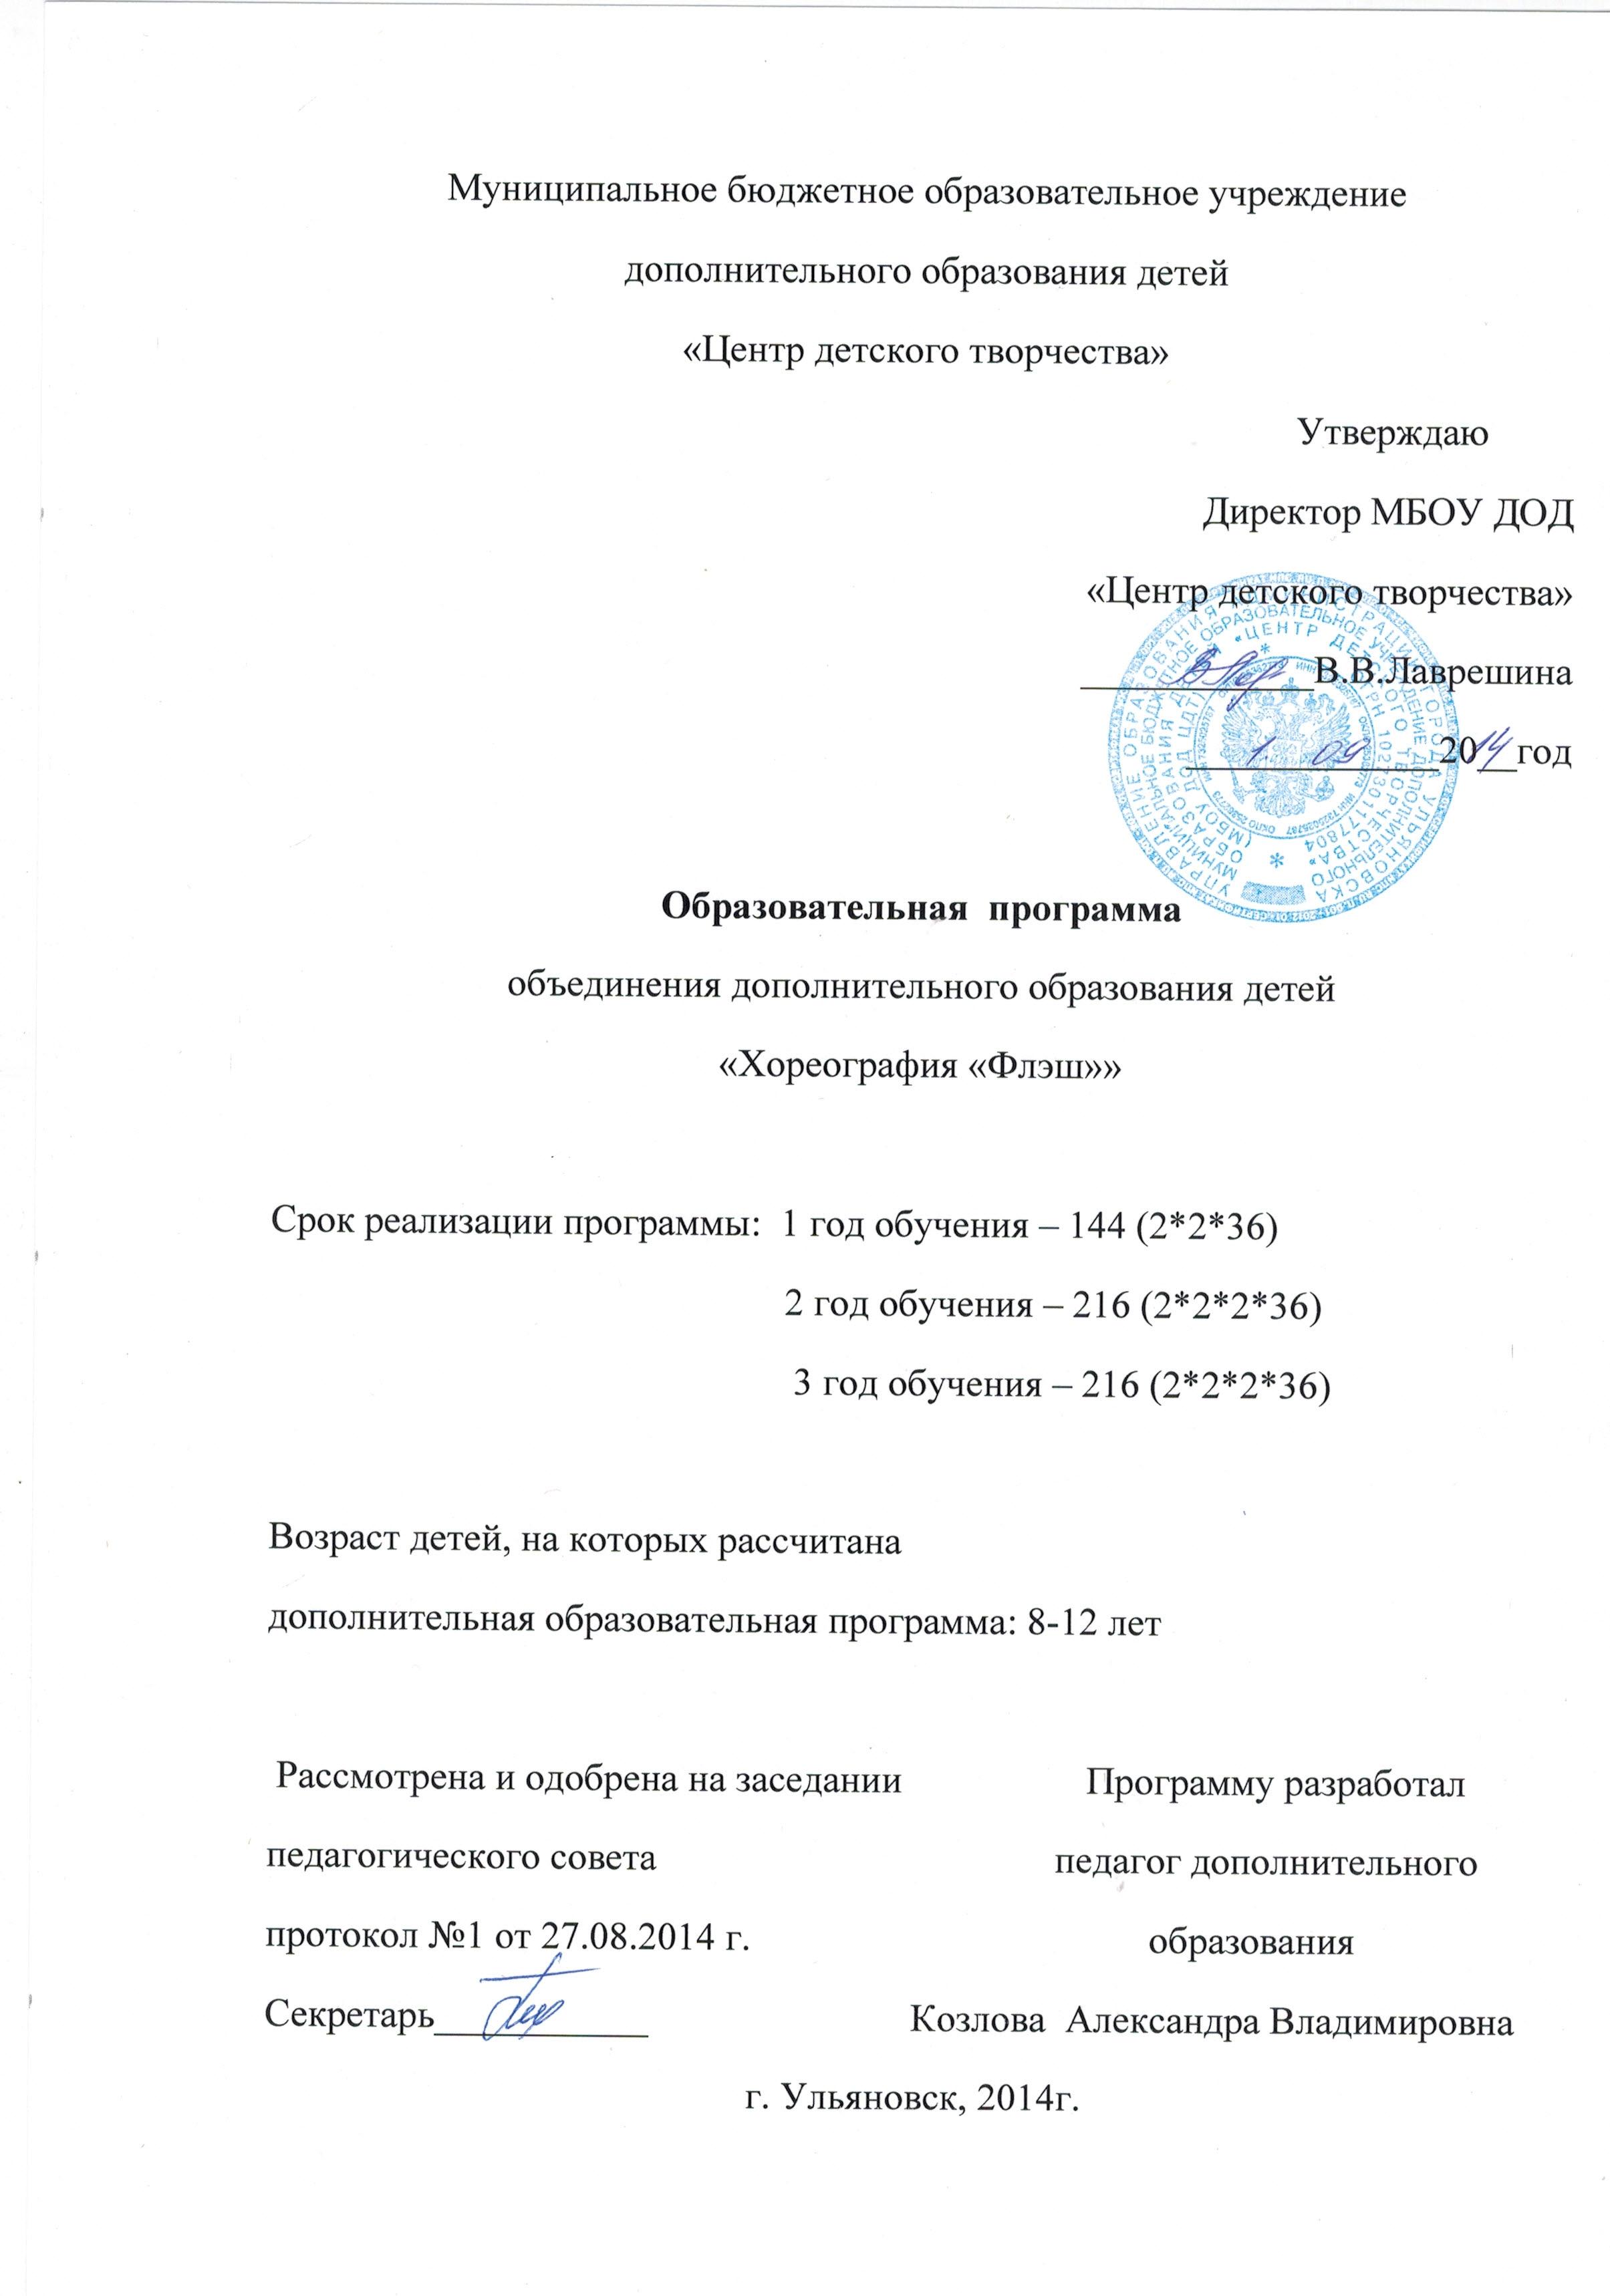 хореография флэш Матвеева